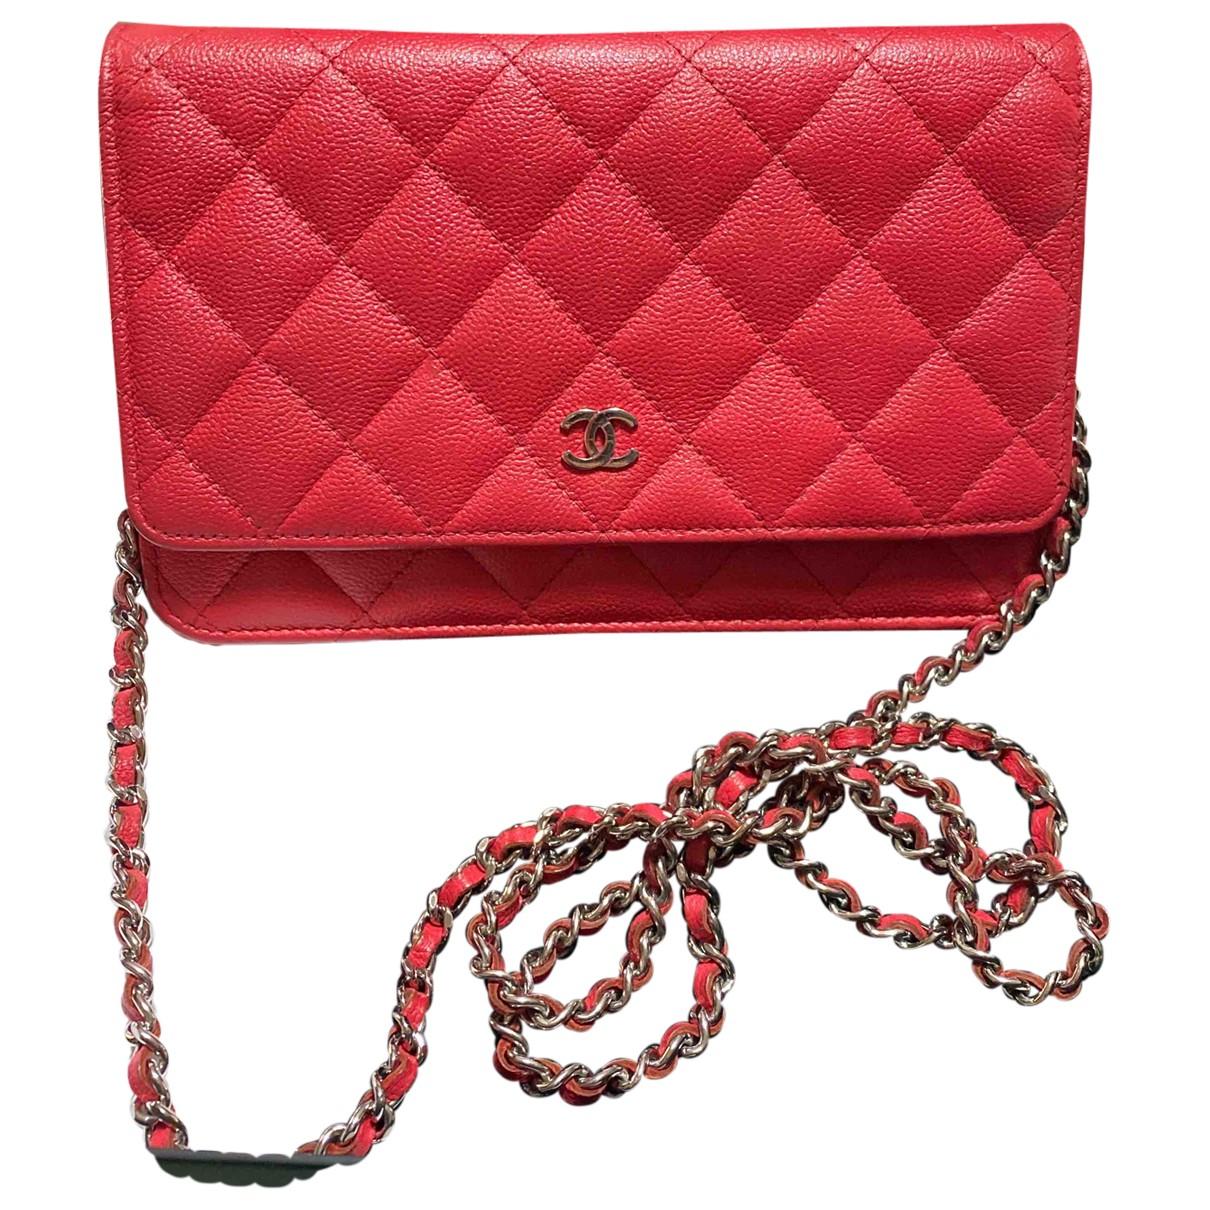 Chanel - Sac a main Wallet on Chain pour femme en cuir - rouge